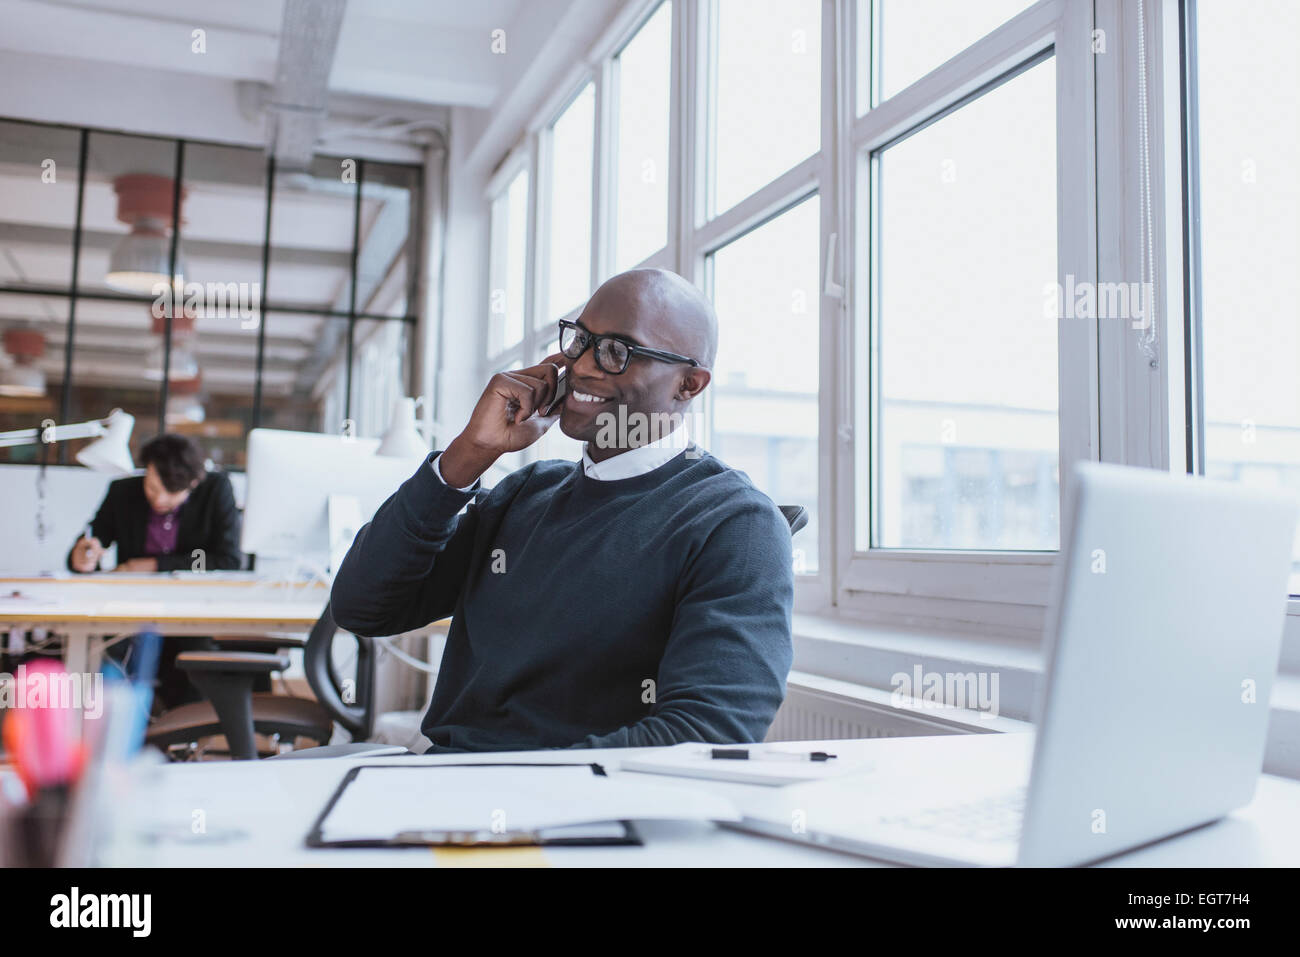 Jeune homme parle sur son téléphone mobile en fonction. African executive assis à son bureau avec ordinateur portable Banque D'Images